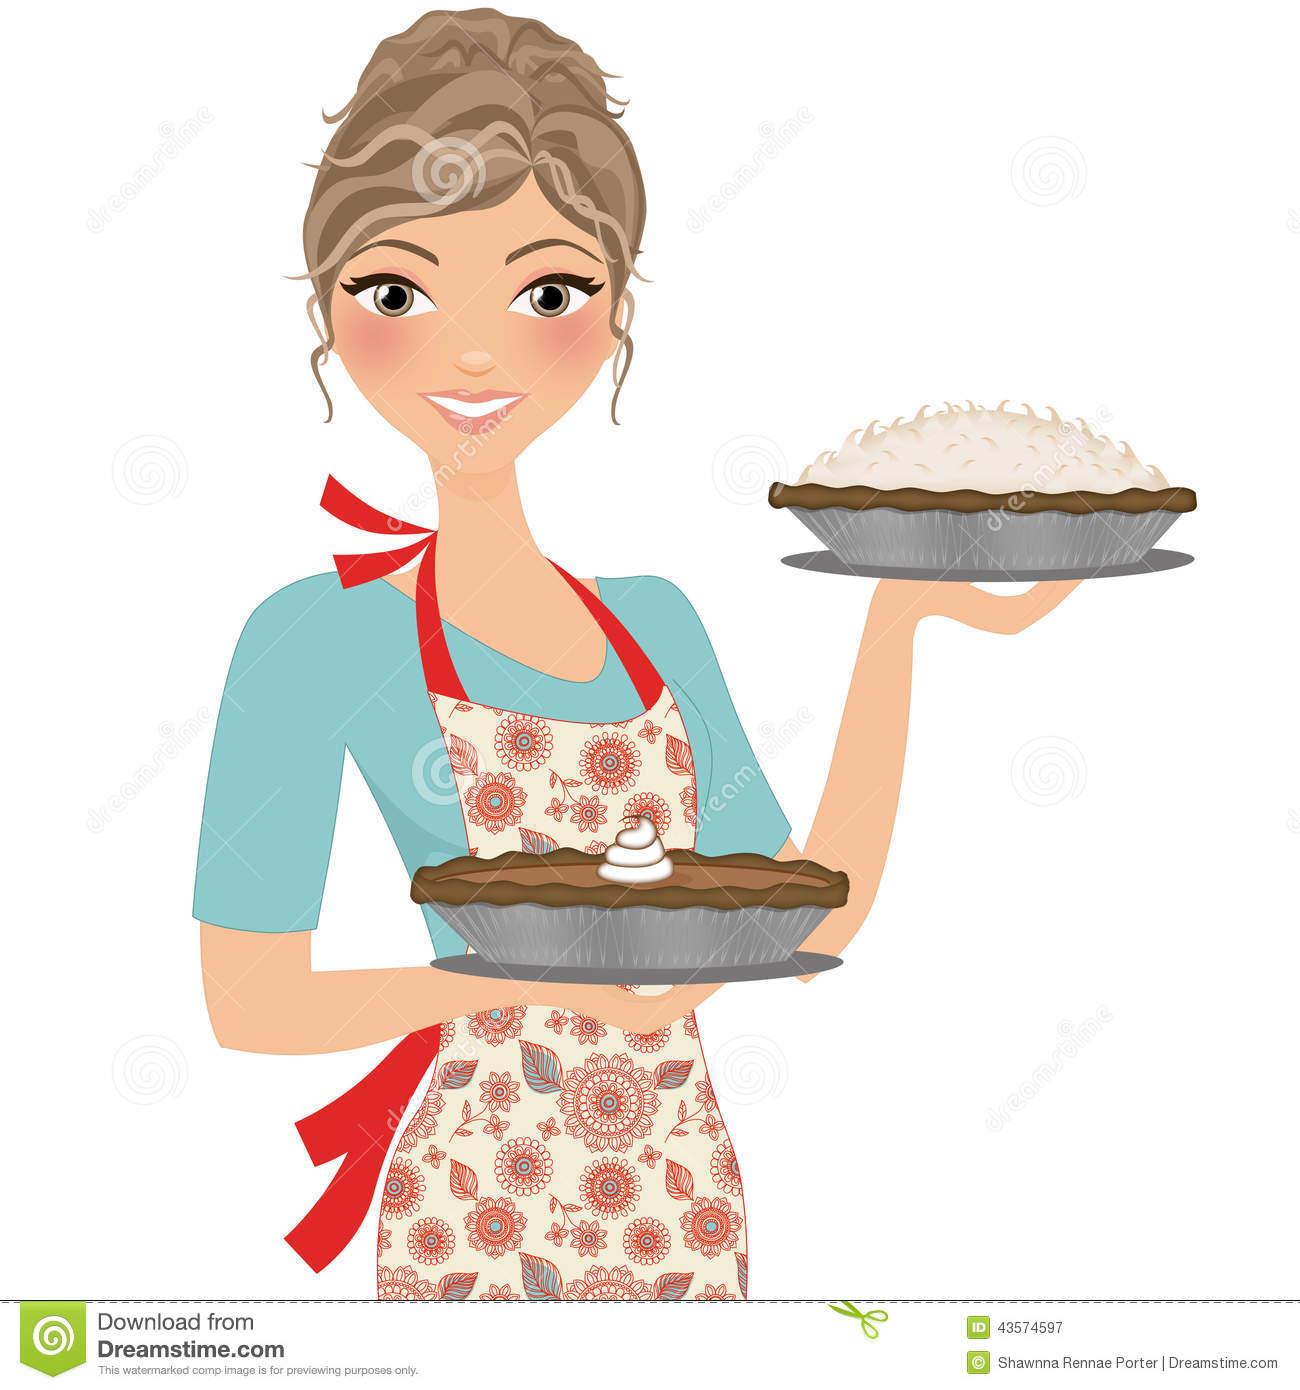 Free . Baker clipart girl baker